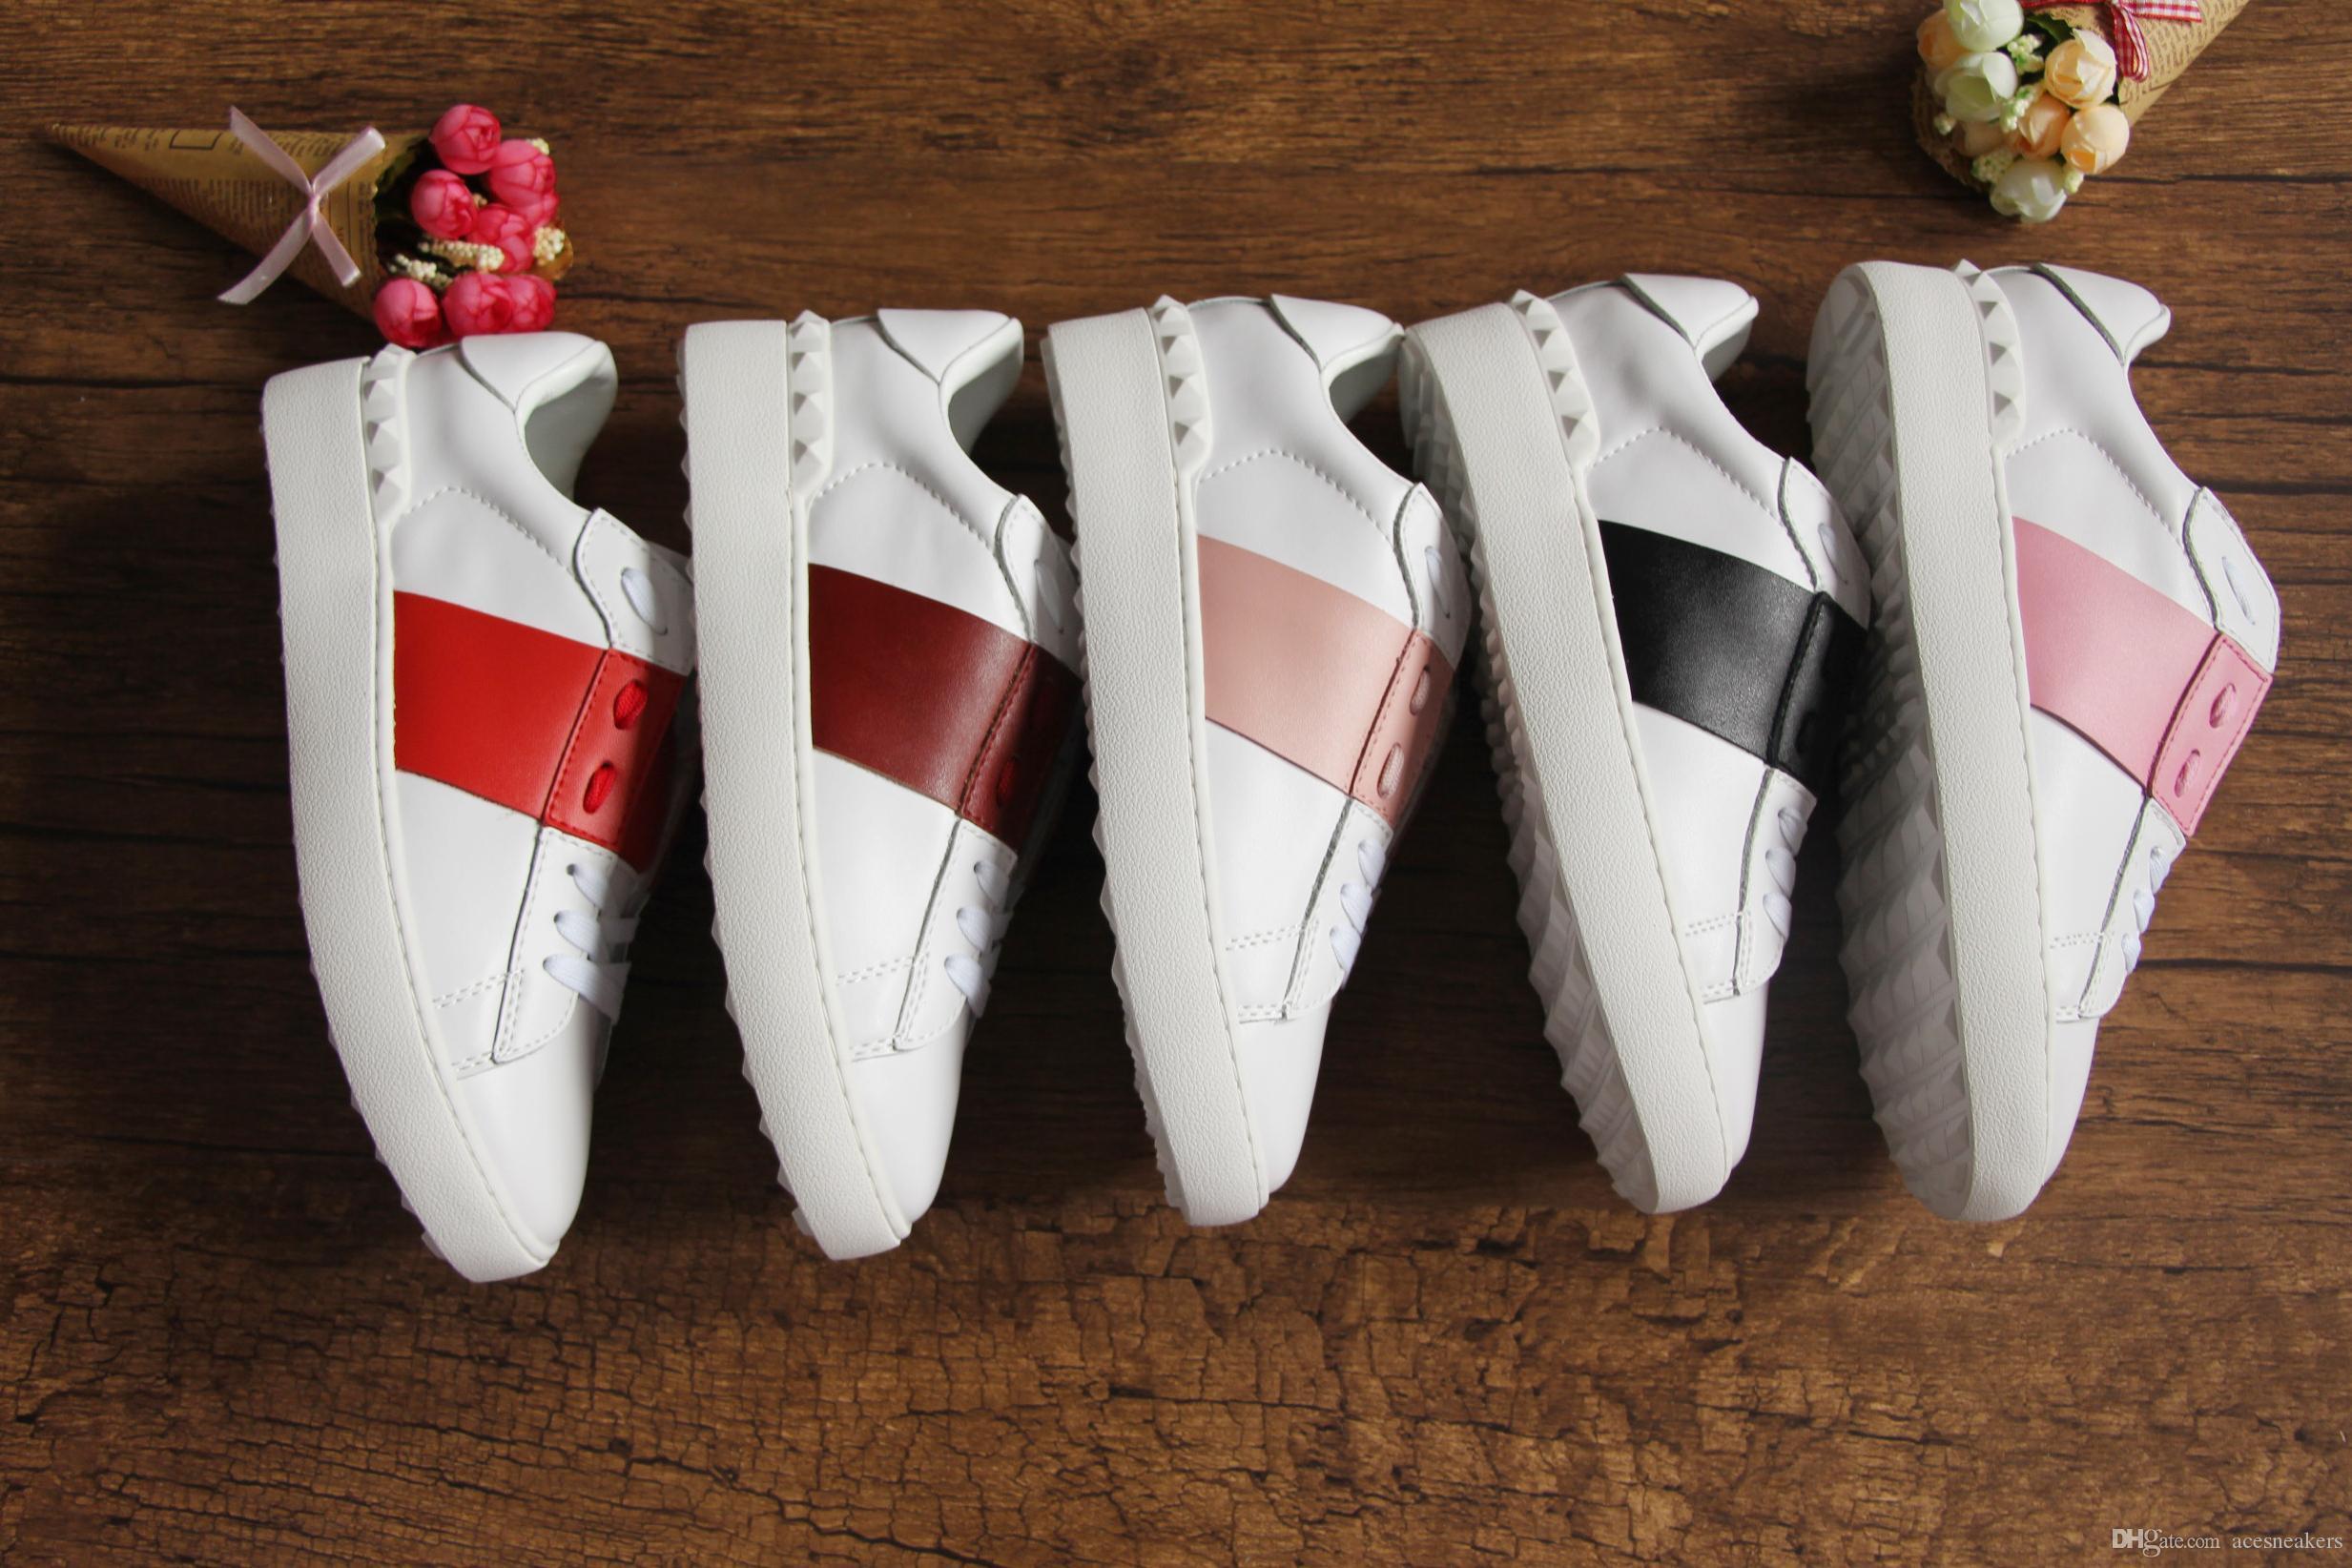 Heiße neue mode männer öffnen designer schuhe hochwertige weiße männer paar echtes leder designer sneaker bunte streifen casual schuhe für frauen